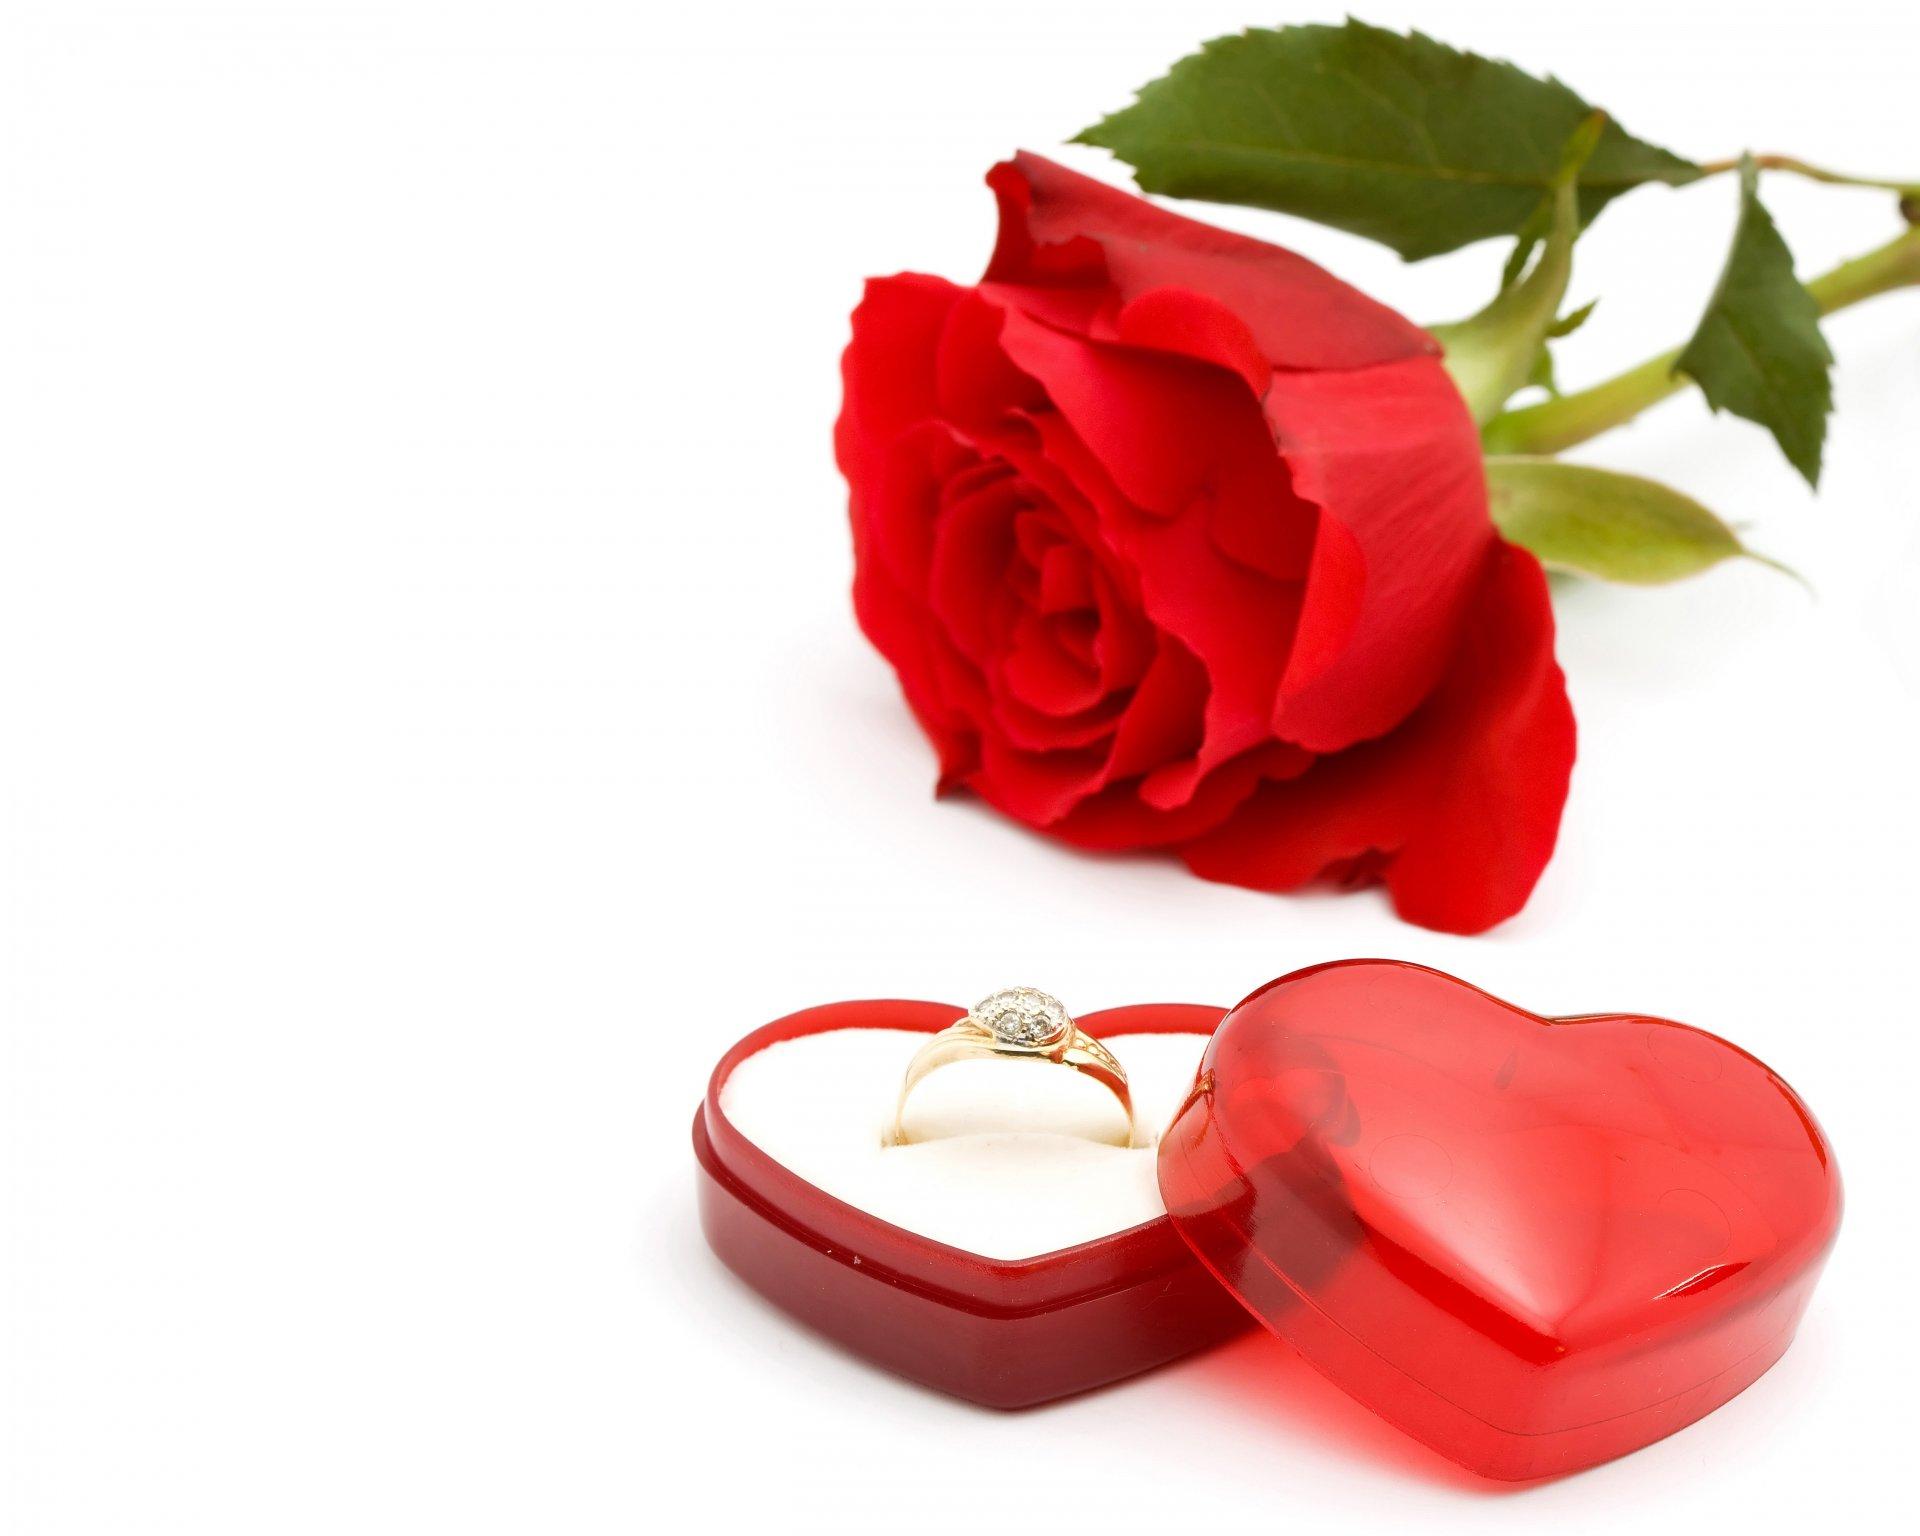 Картинку, красивые картинки на свадьбу с сердечками